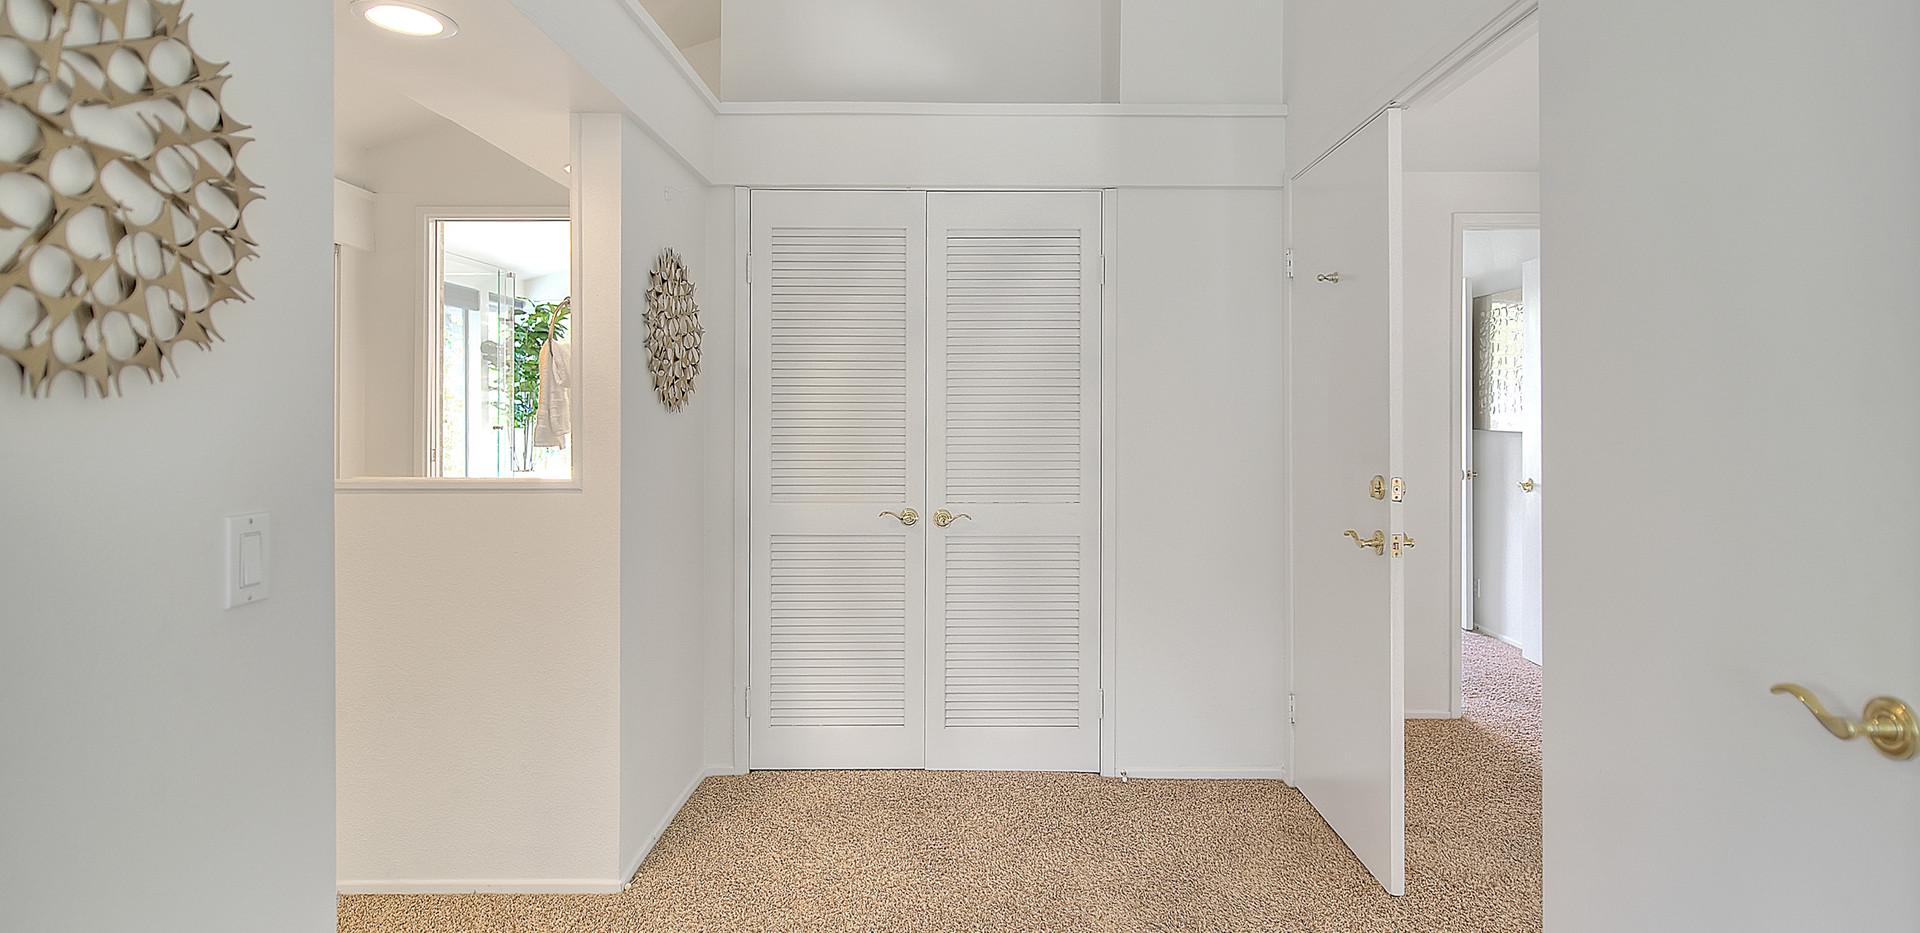 Master Bedroom (7 of 7).jpg